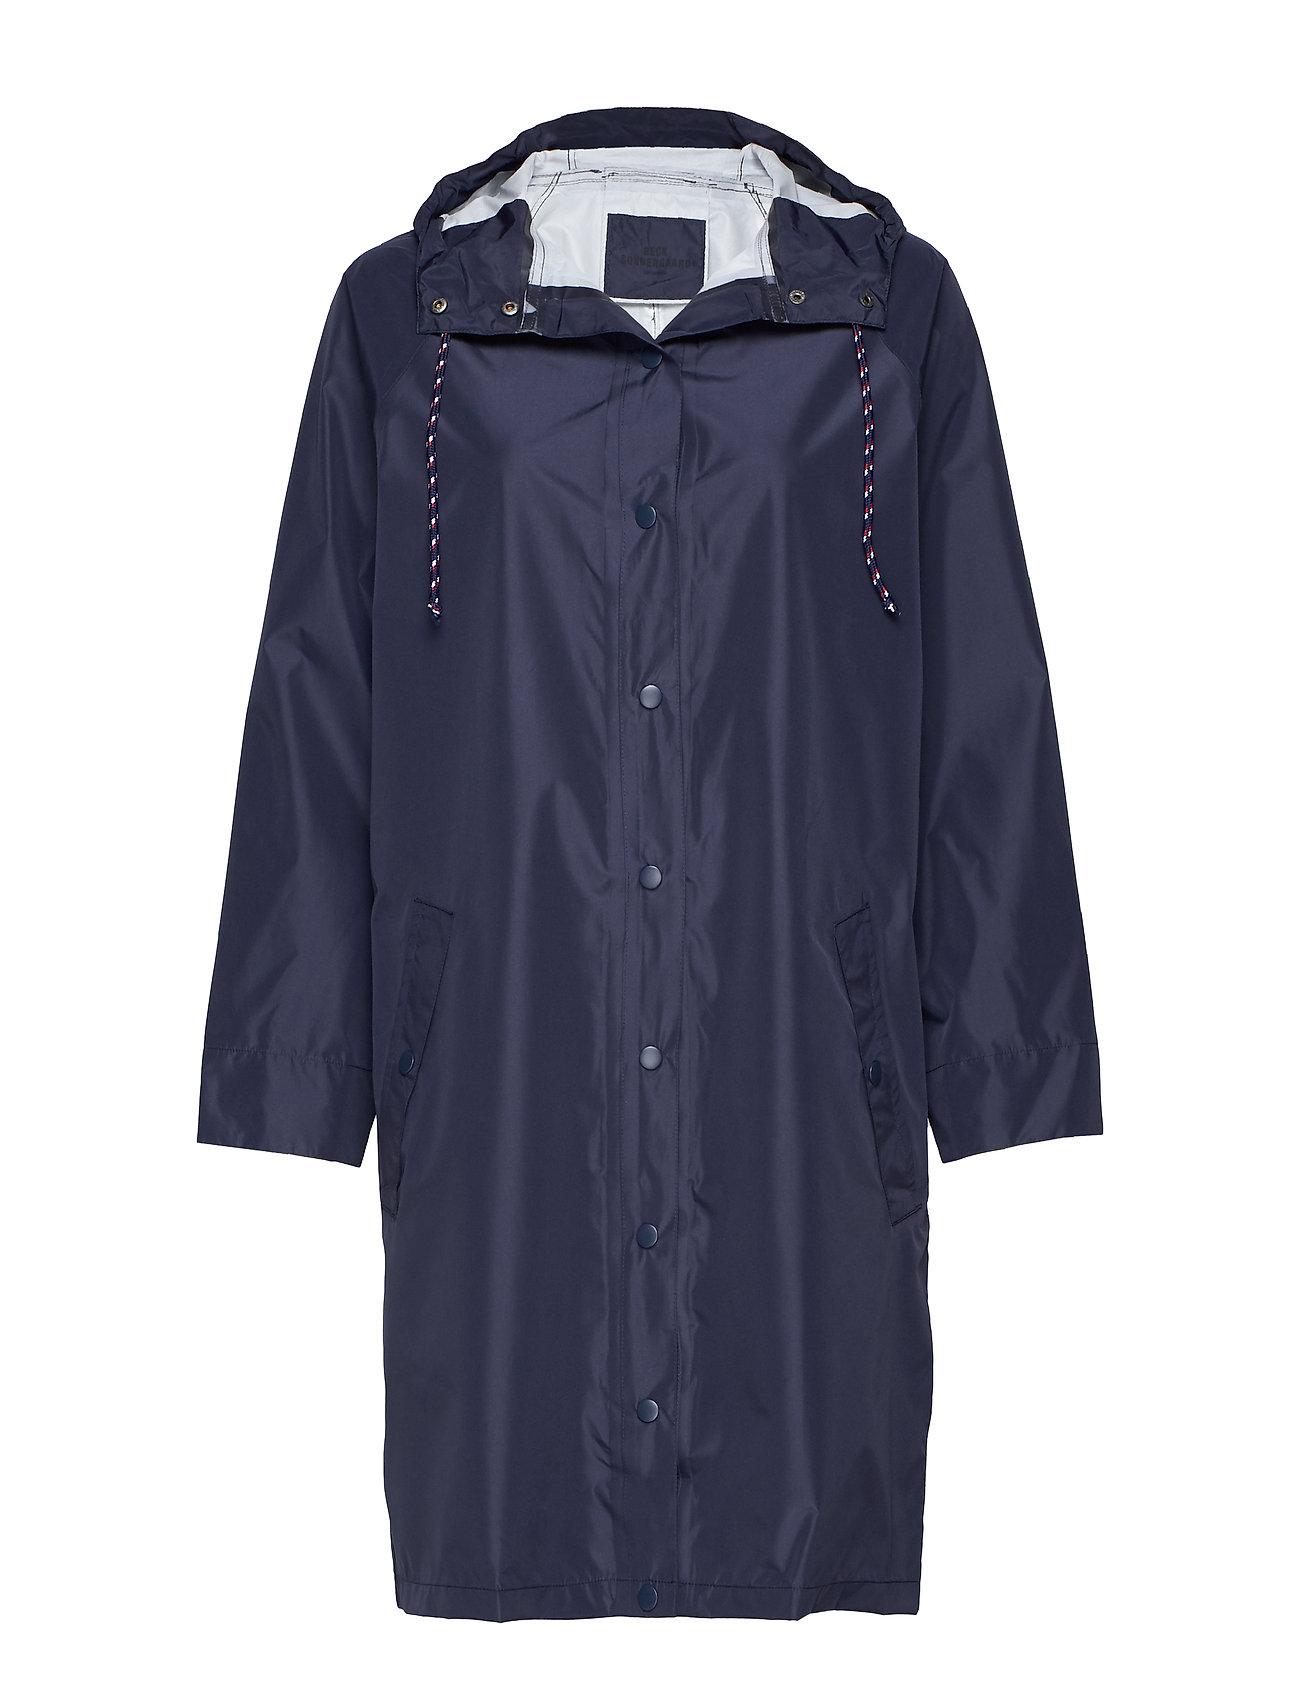 BECKSÖNDERGAARD Solid Magpie Raincoat - NAVY BLUE